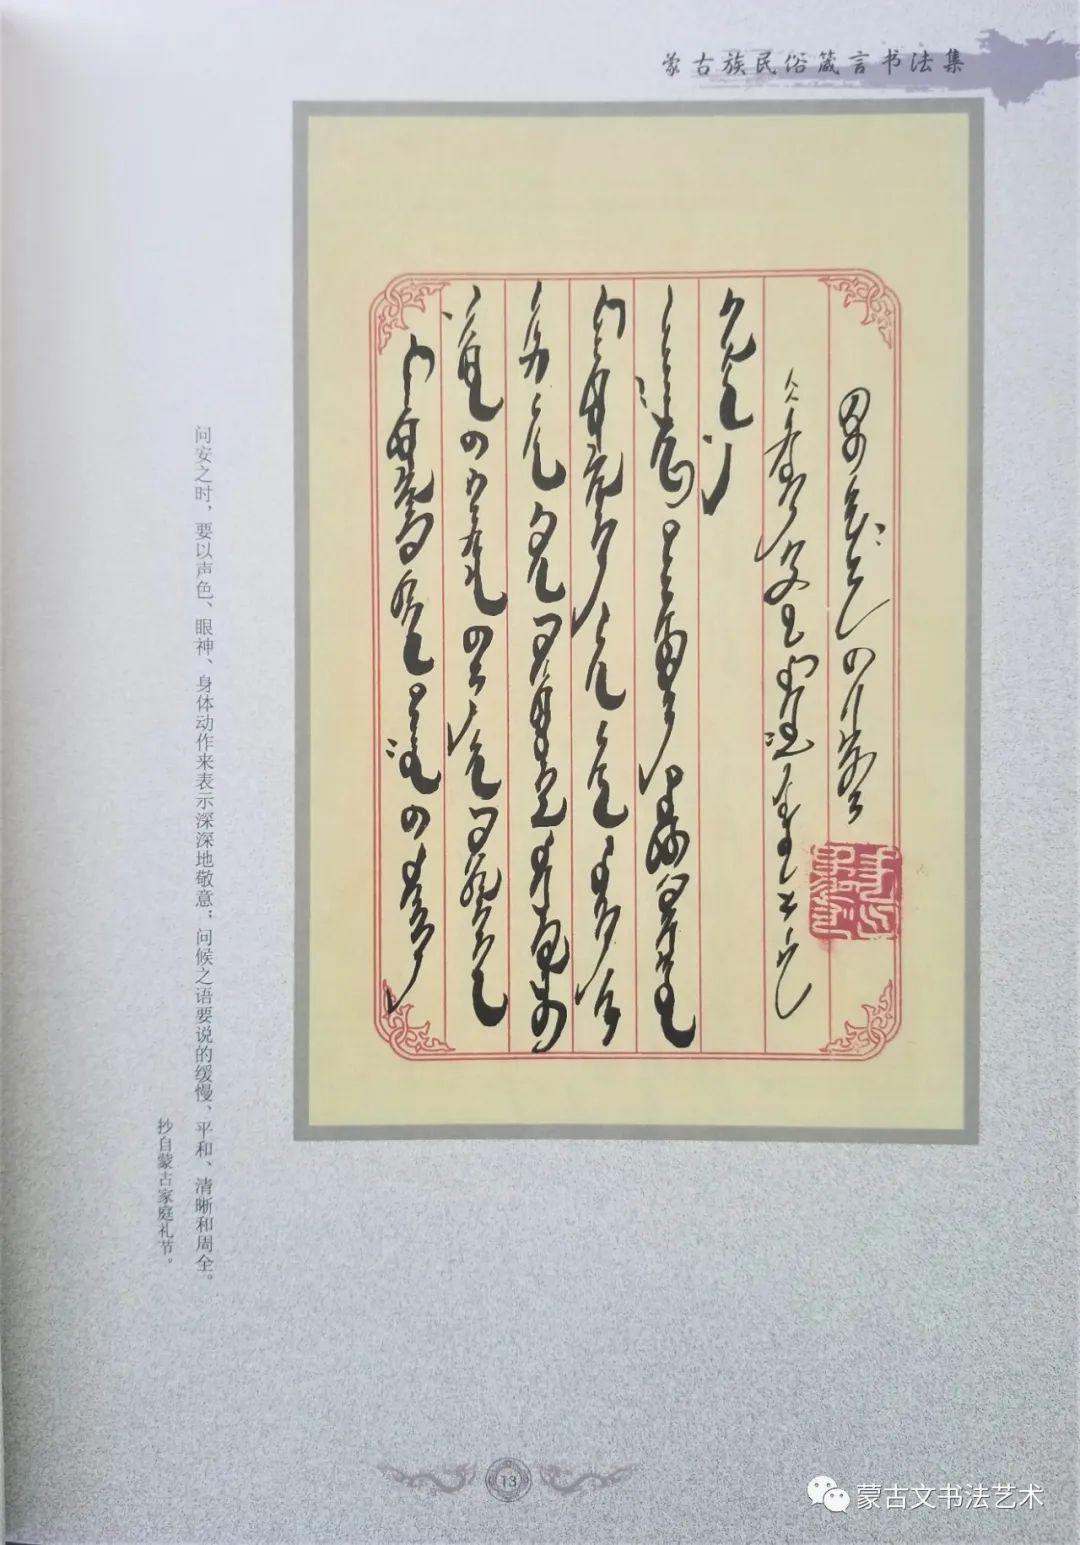 宝金山-蒙古族民俗箴言书法集 第6张